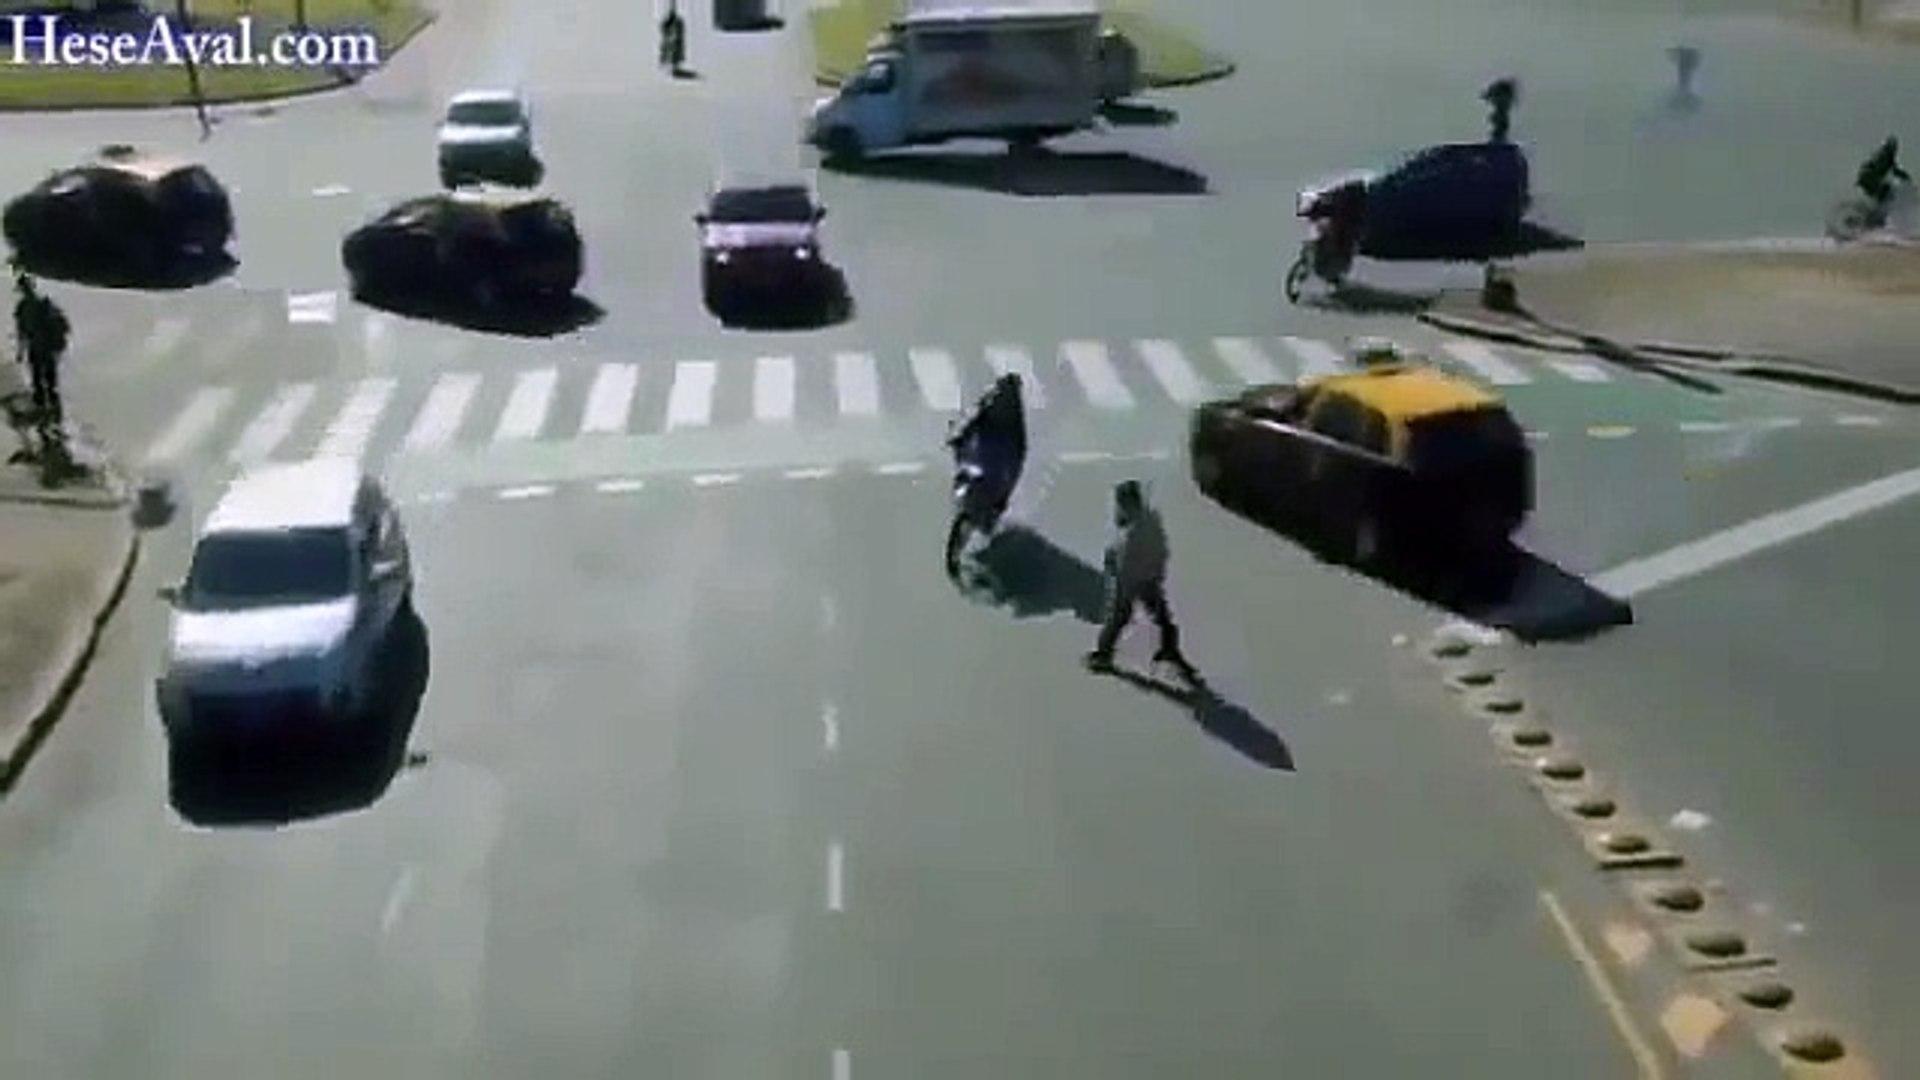 El cruze de personas y carros Mas loco Del Mundo | Videos Increibles y Sorprendentes HD